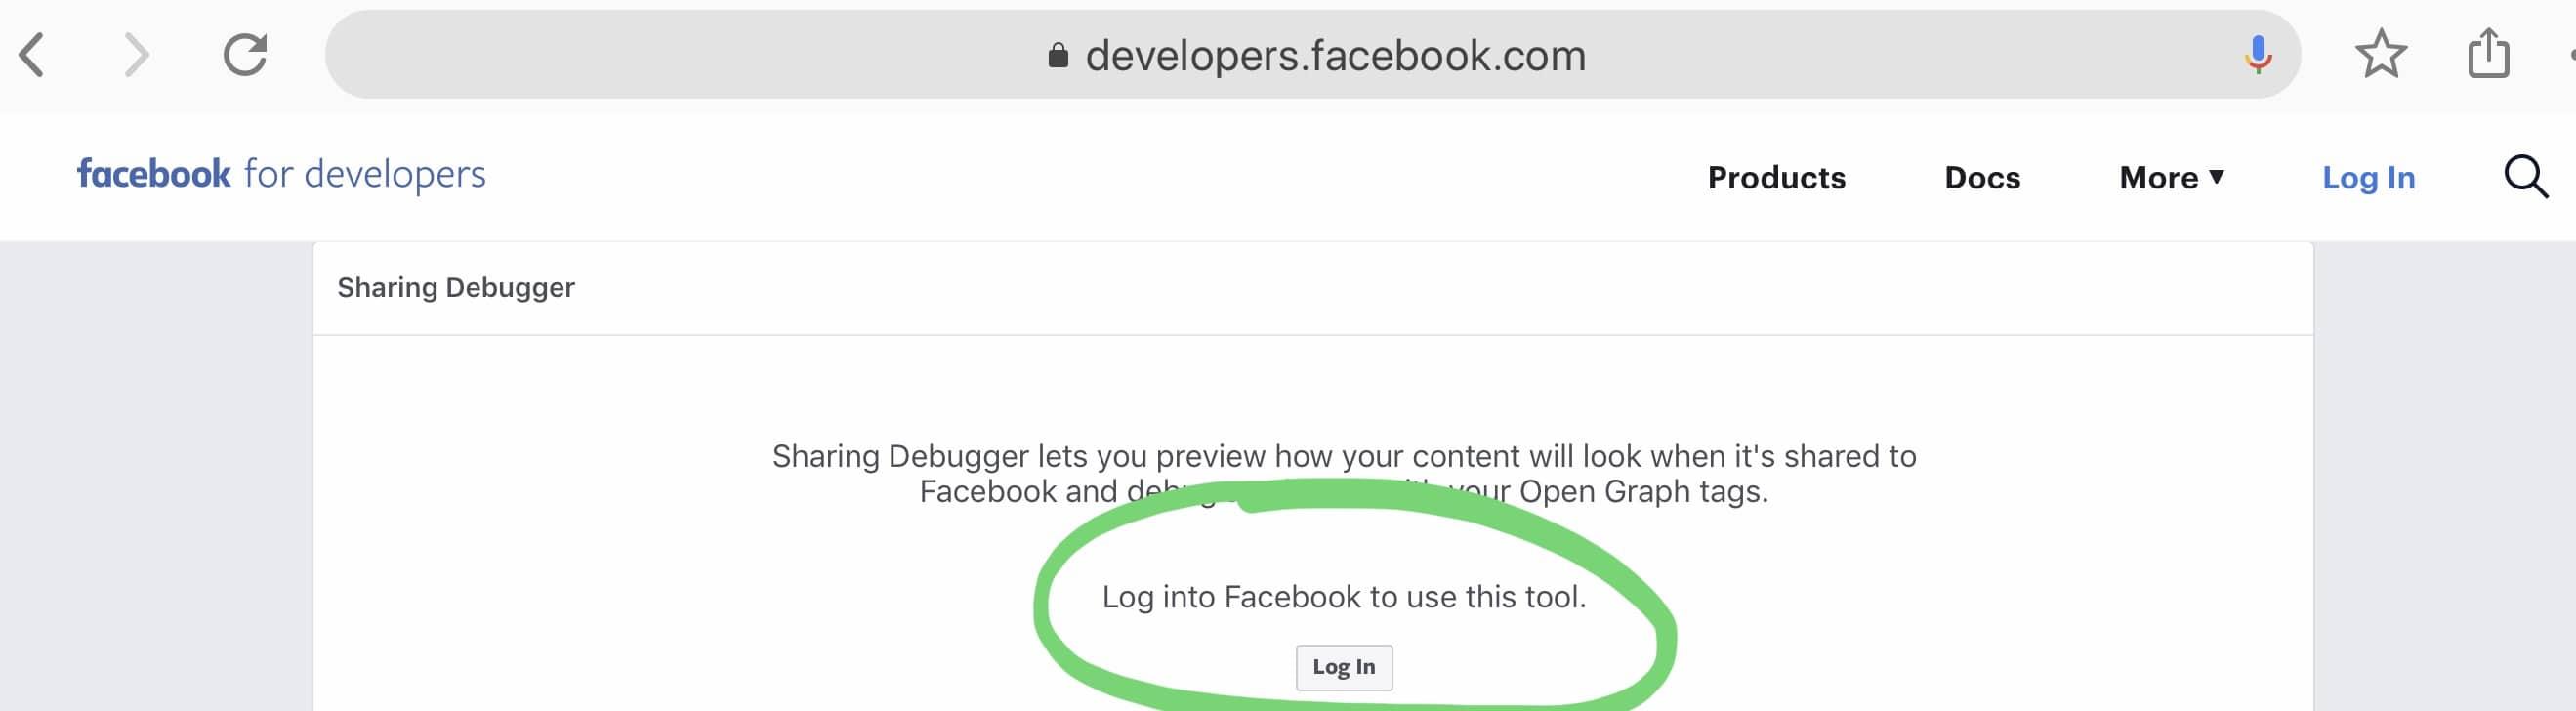 Login to Facebook Developer for Debugger